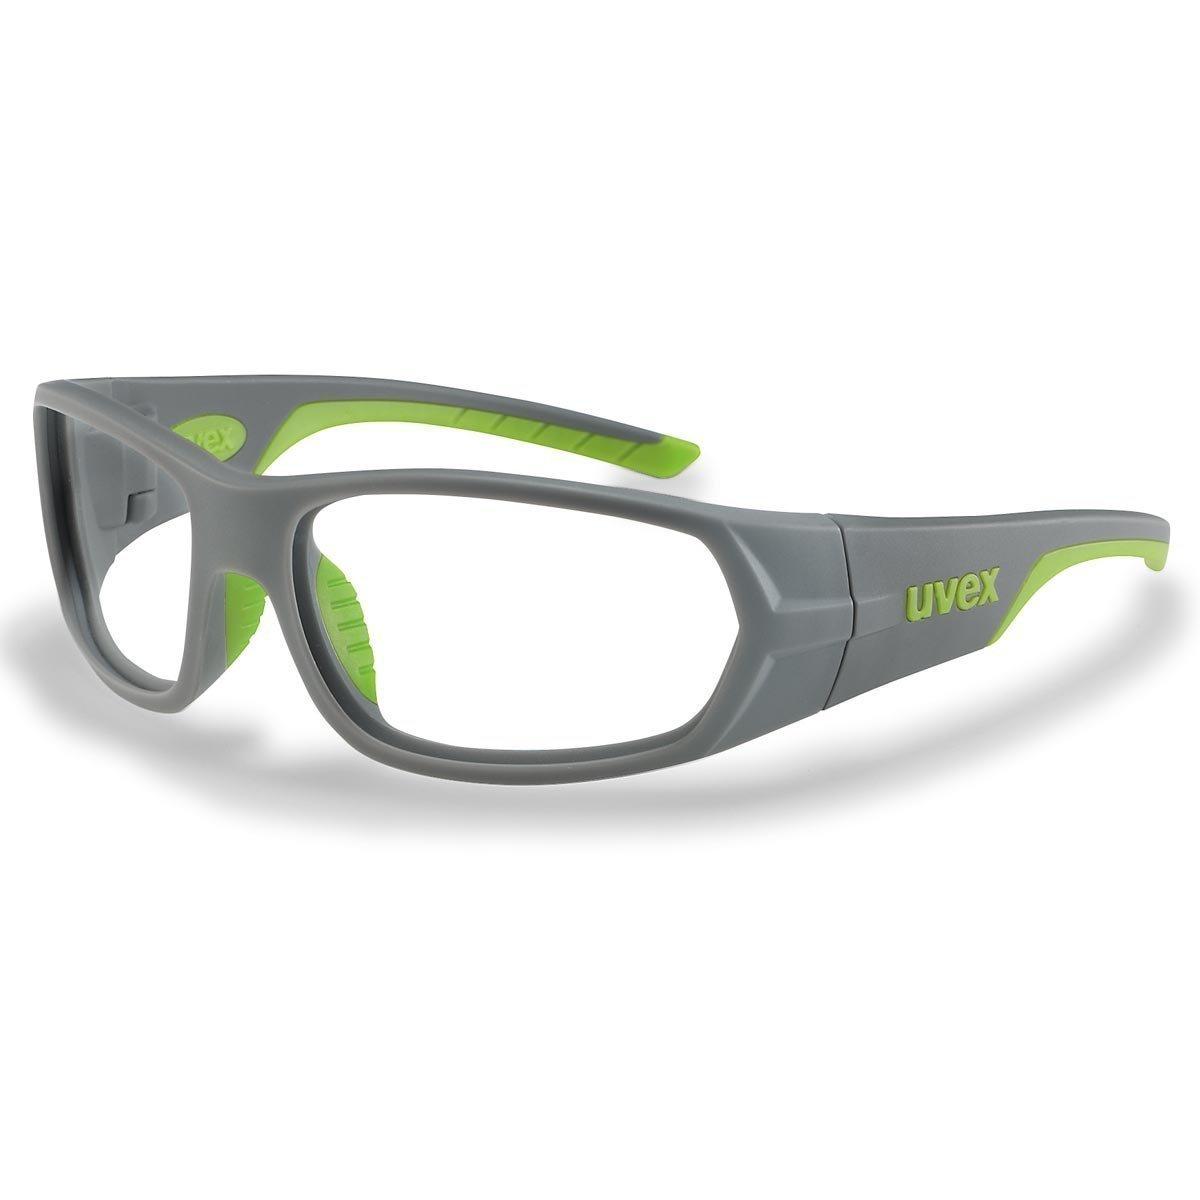 Carhartt bril diverse kleuren - Keine Entspiegelung